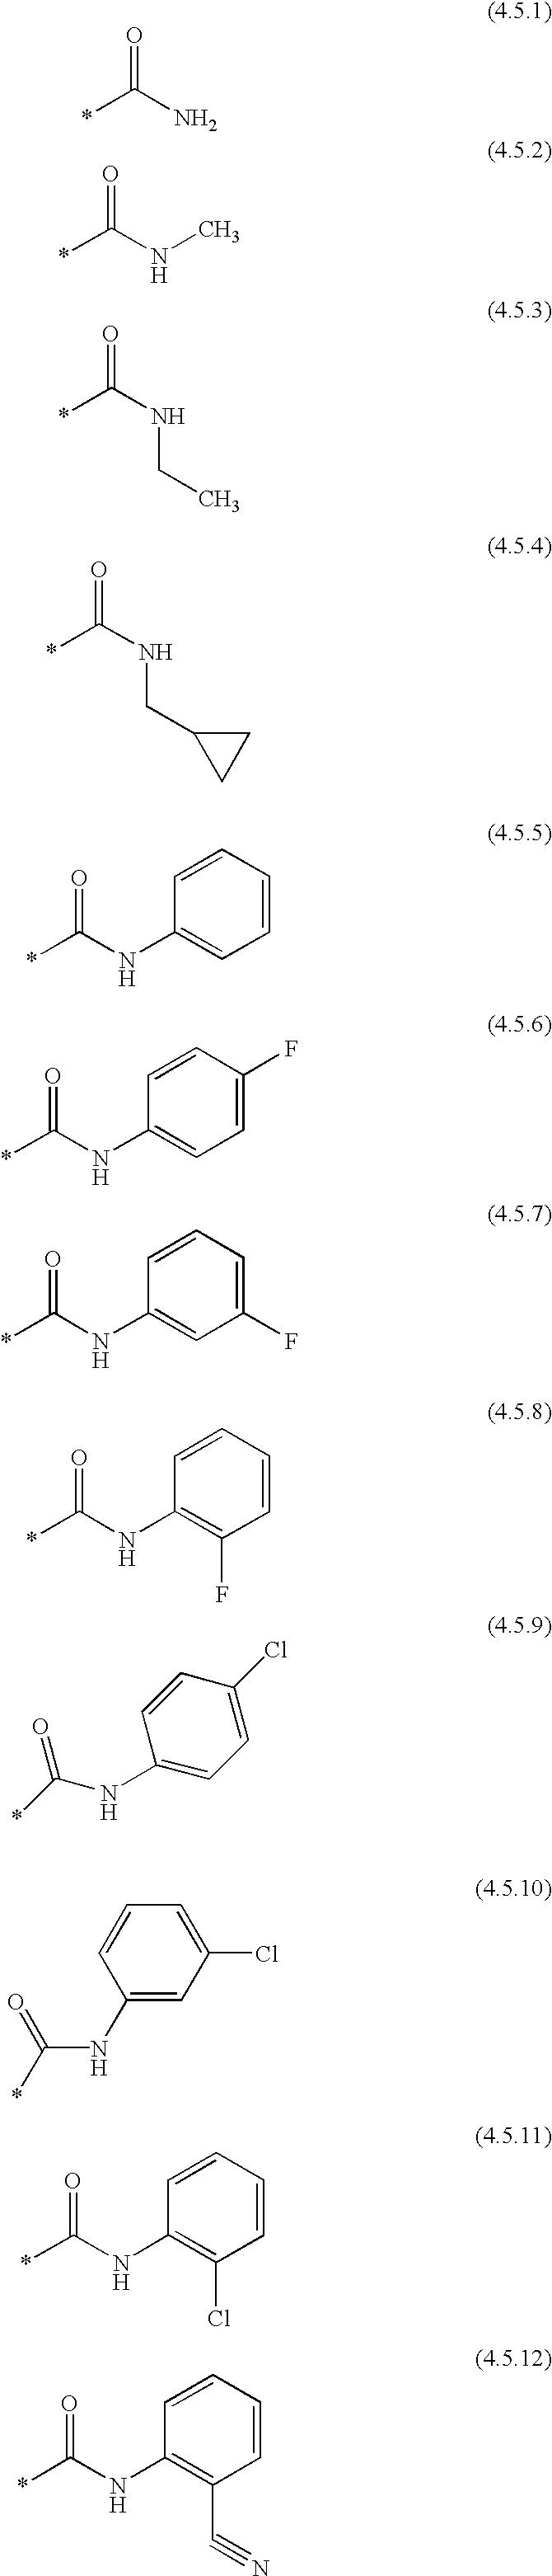 Figure US20020123520A1-20020905-C00094